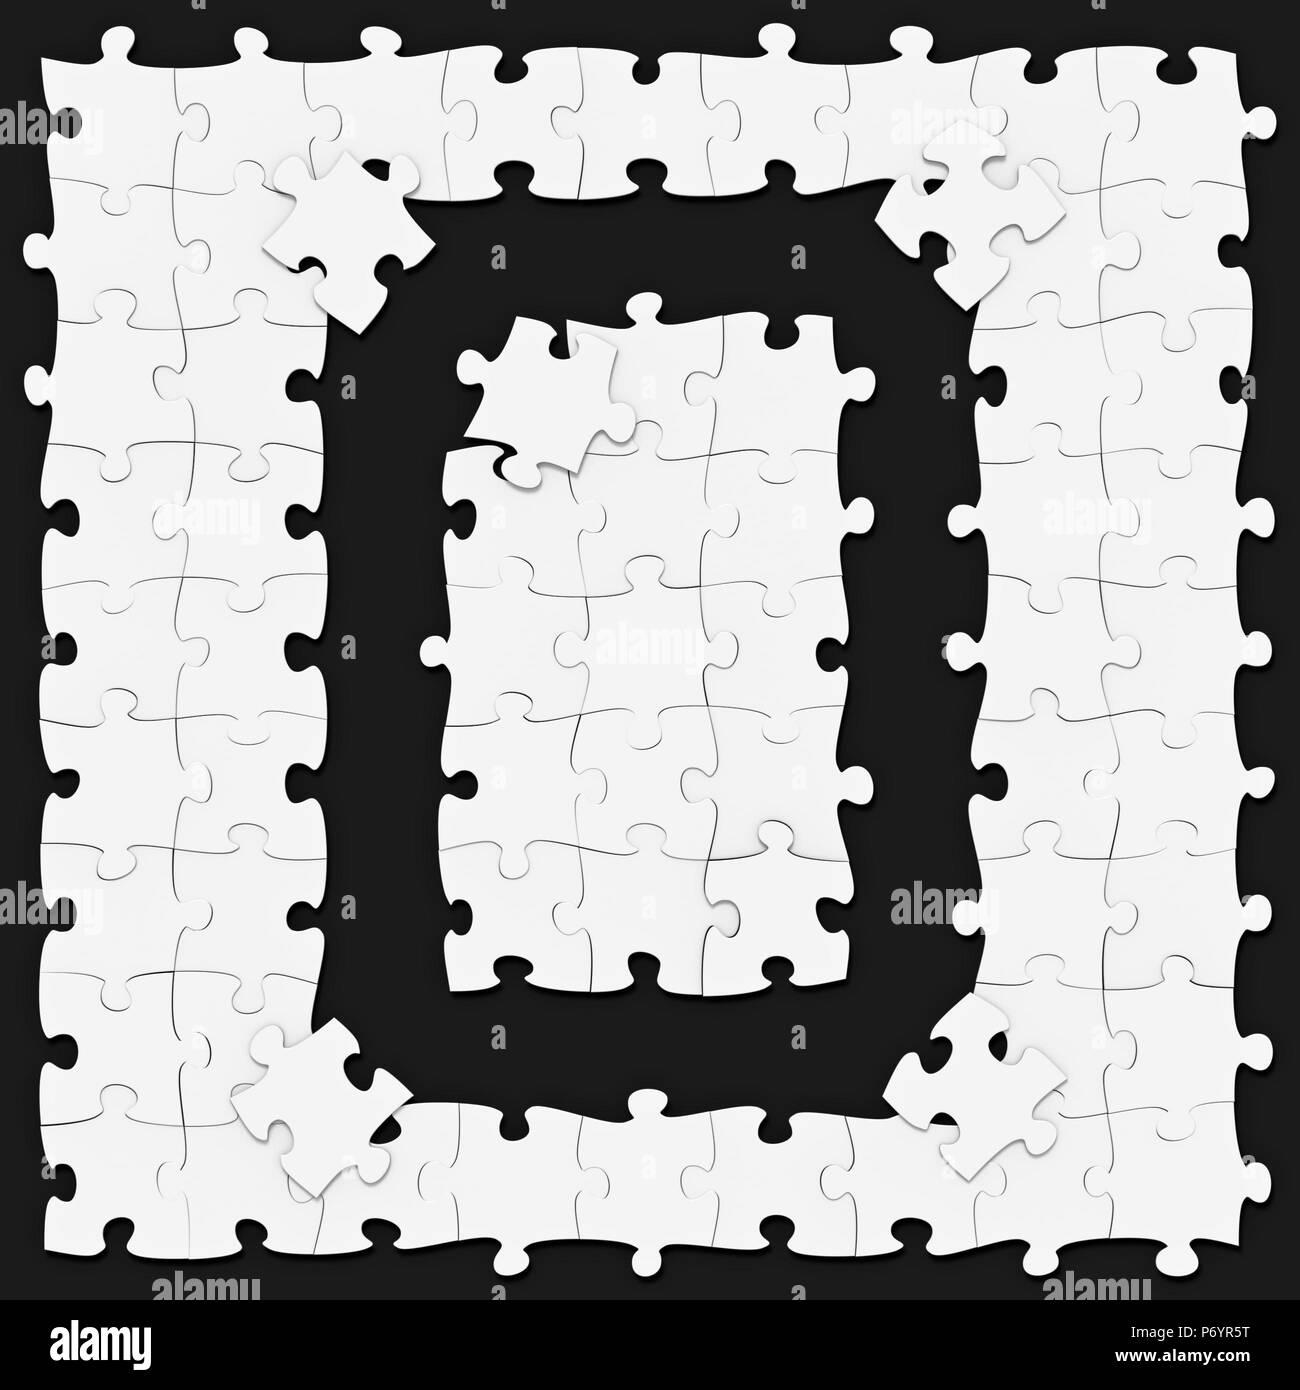 Jigsaw Puzzles zusammengesetzt mathematische Ziffer 8 oder Null ...